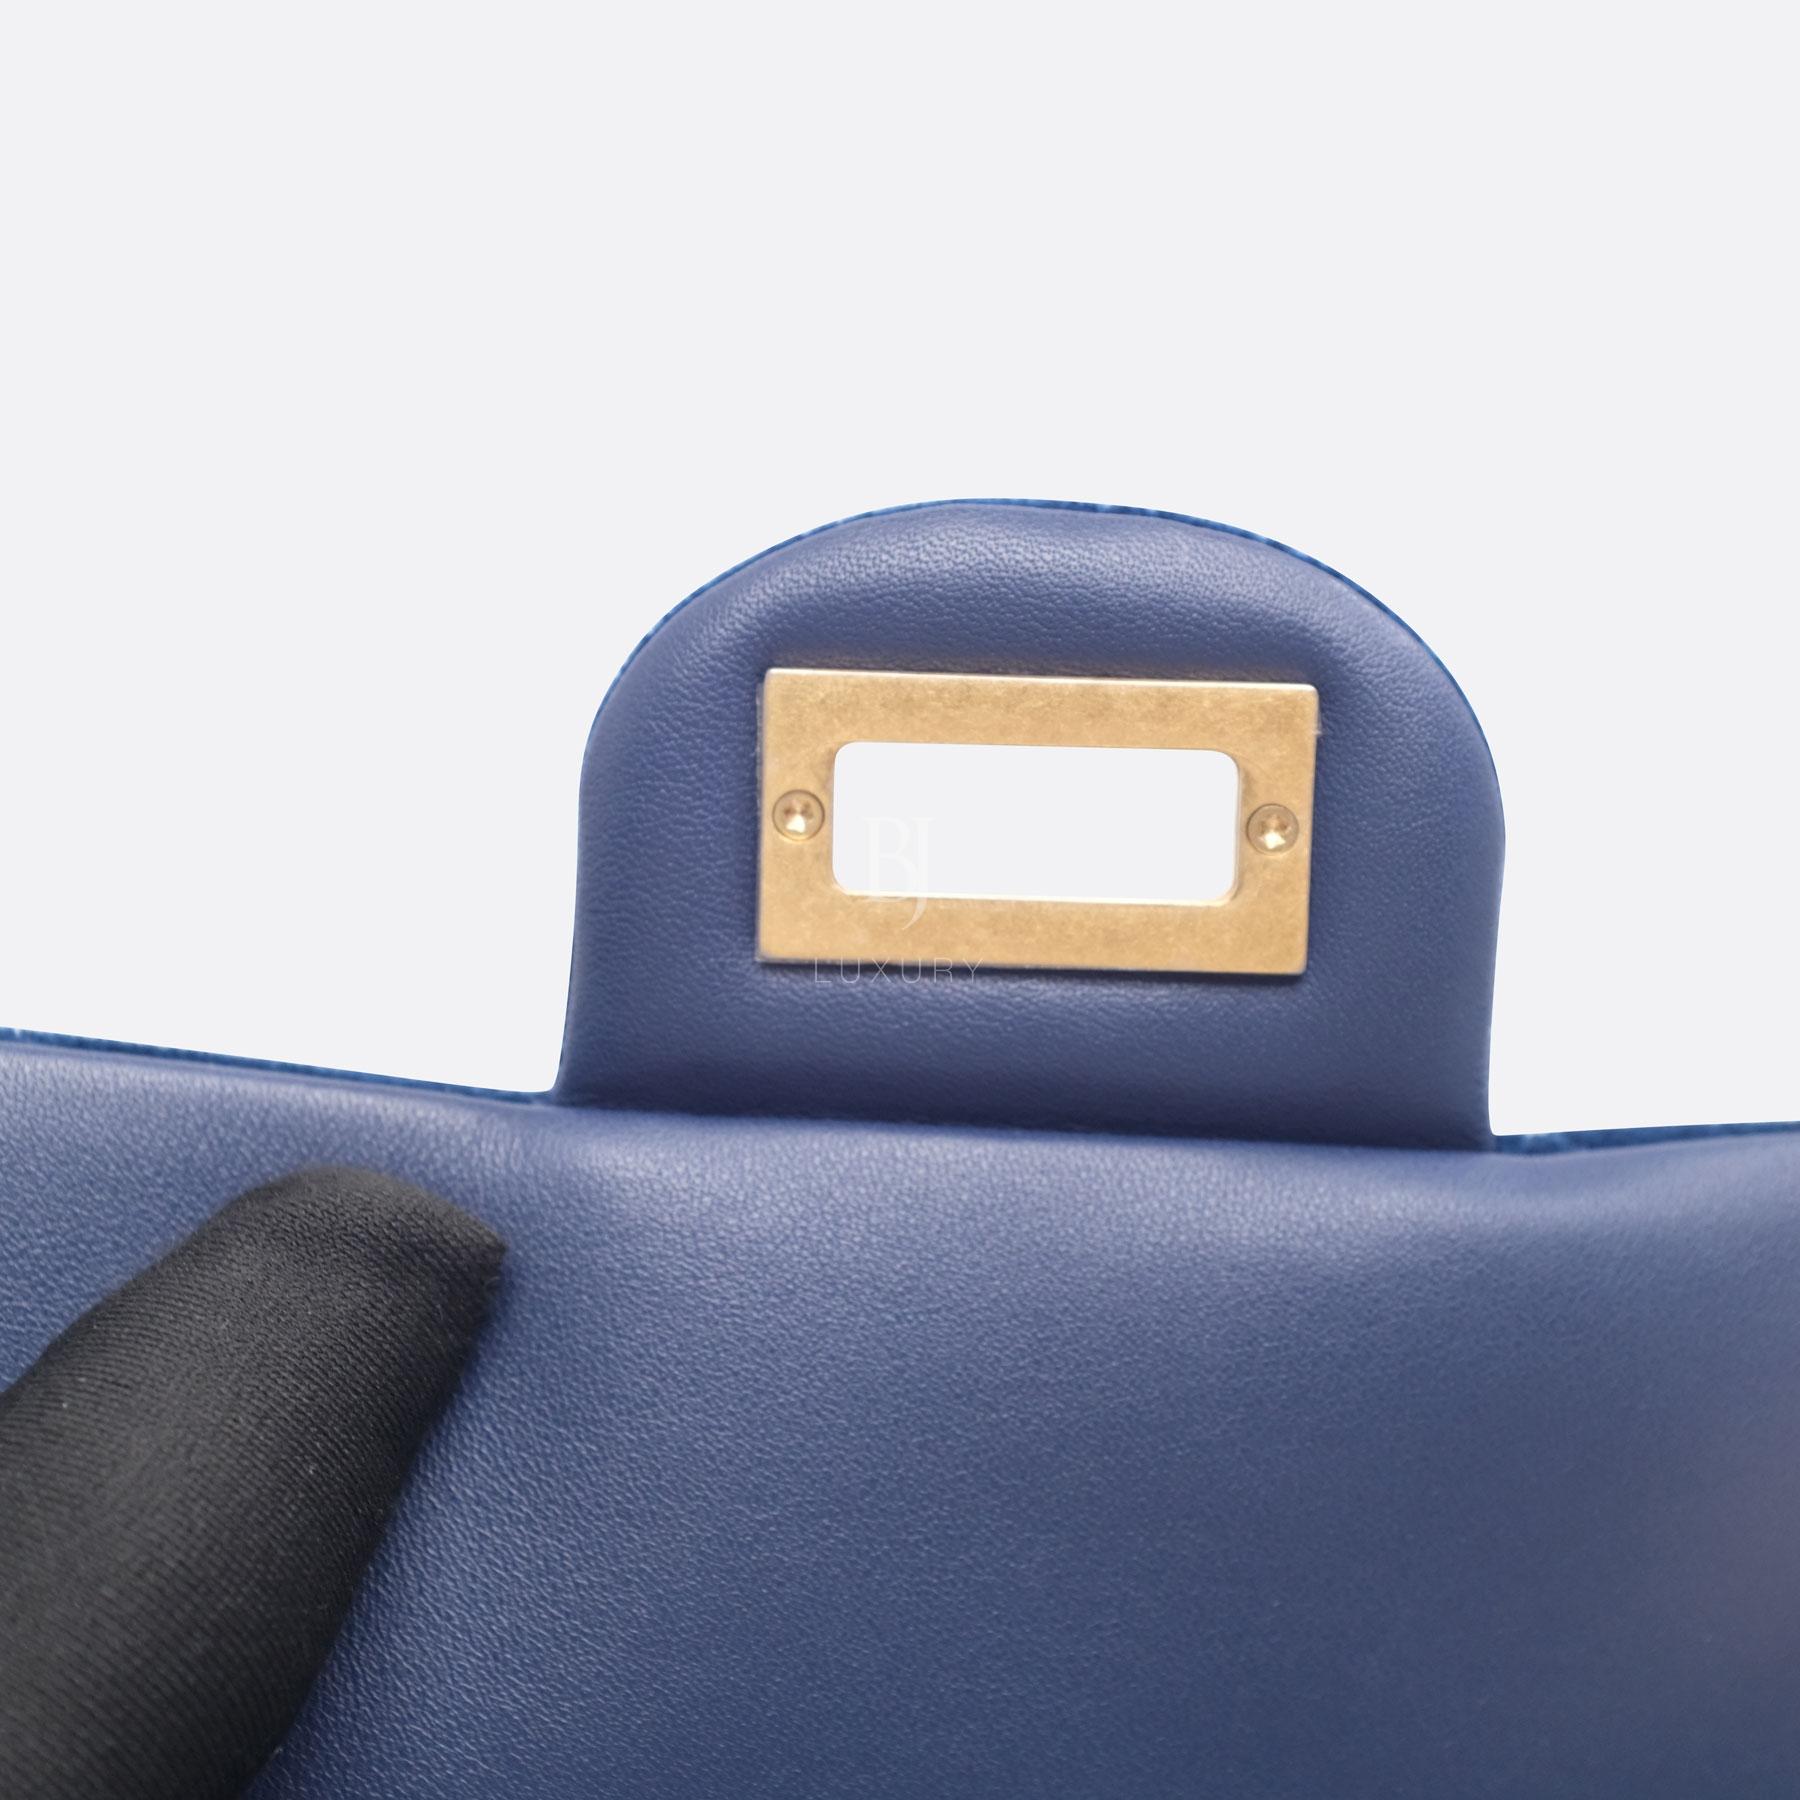 CHANEL-2.55-MINI-BLUE-VELVET-DSCF8705.jpg